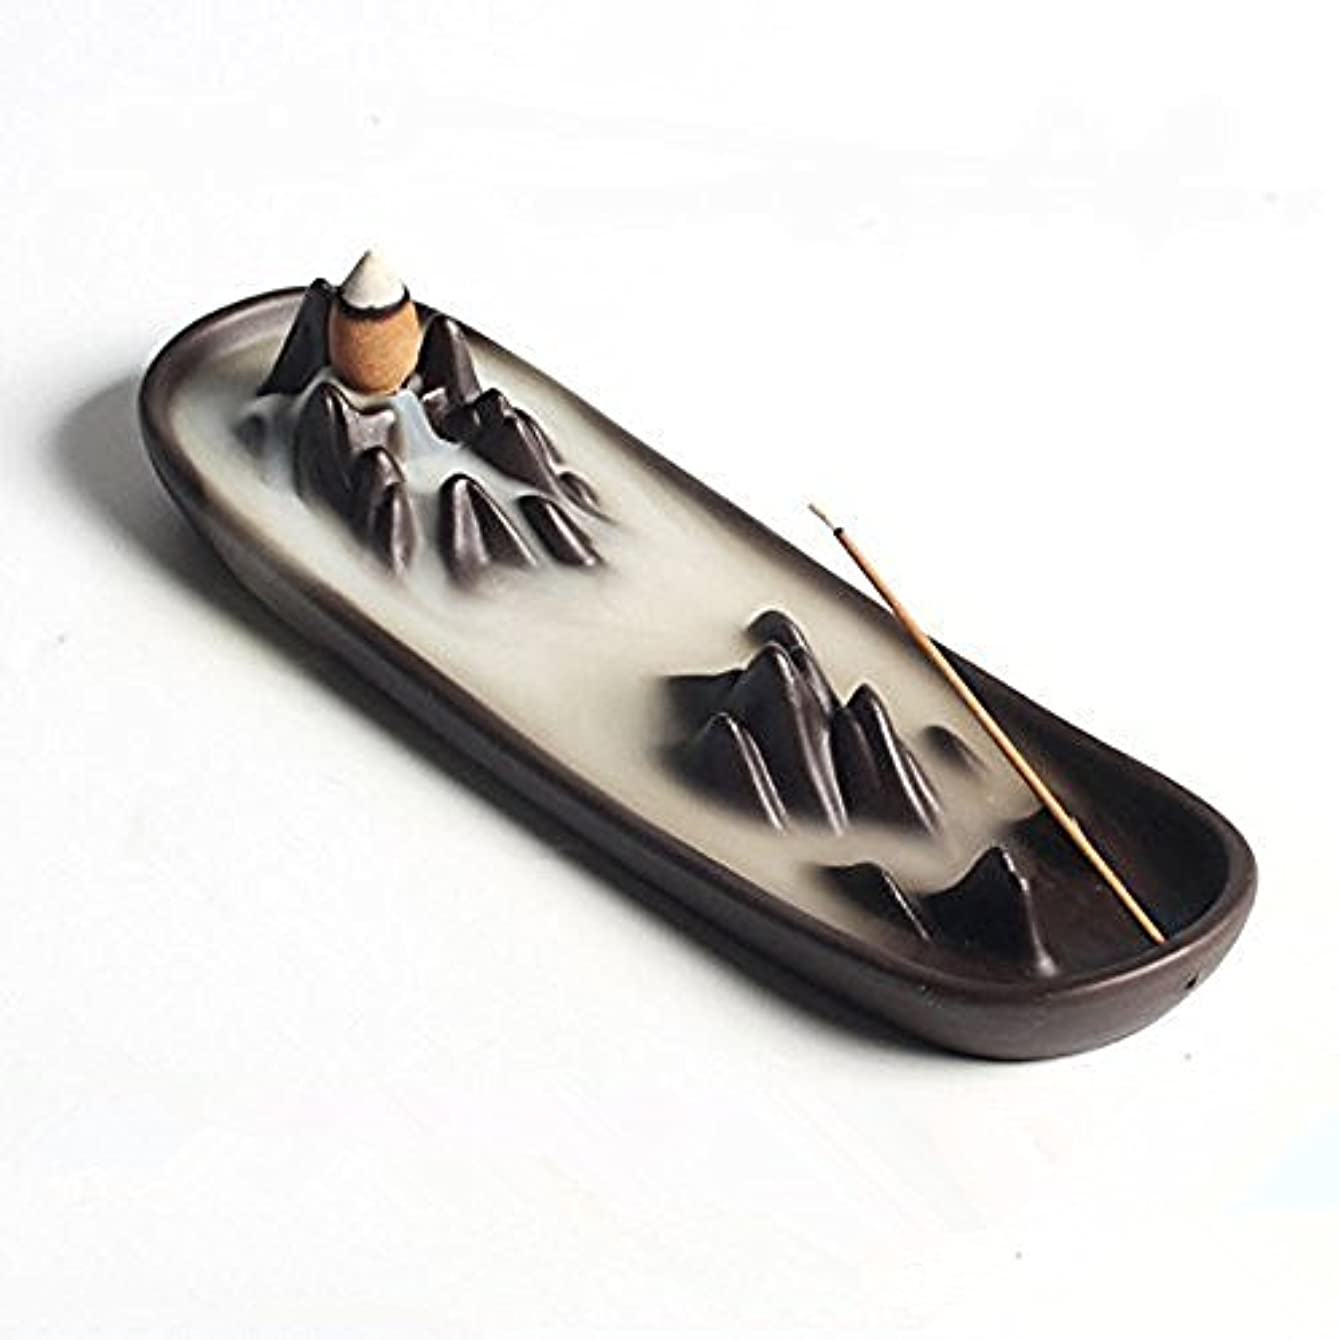 神秘釈義ギャロップCeramic mountain peak Boat Style Multifunction Incense Burner Stick Backflow Incense Holder Clay Incense Ash Catcher...